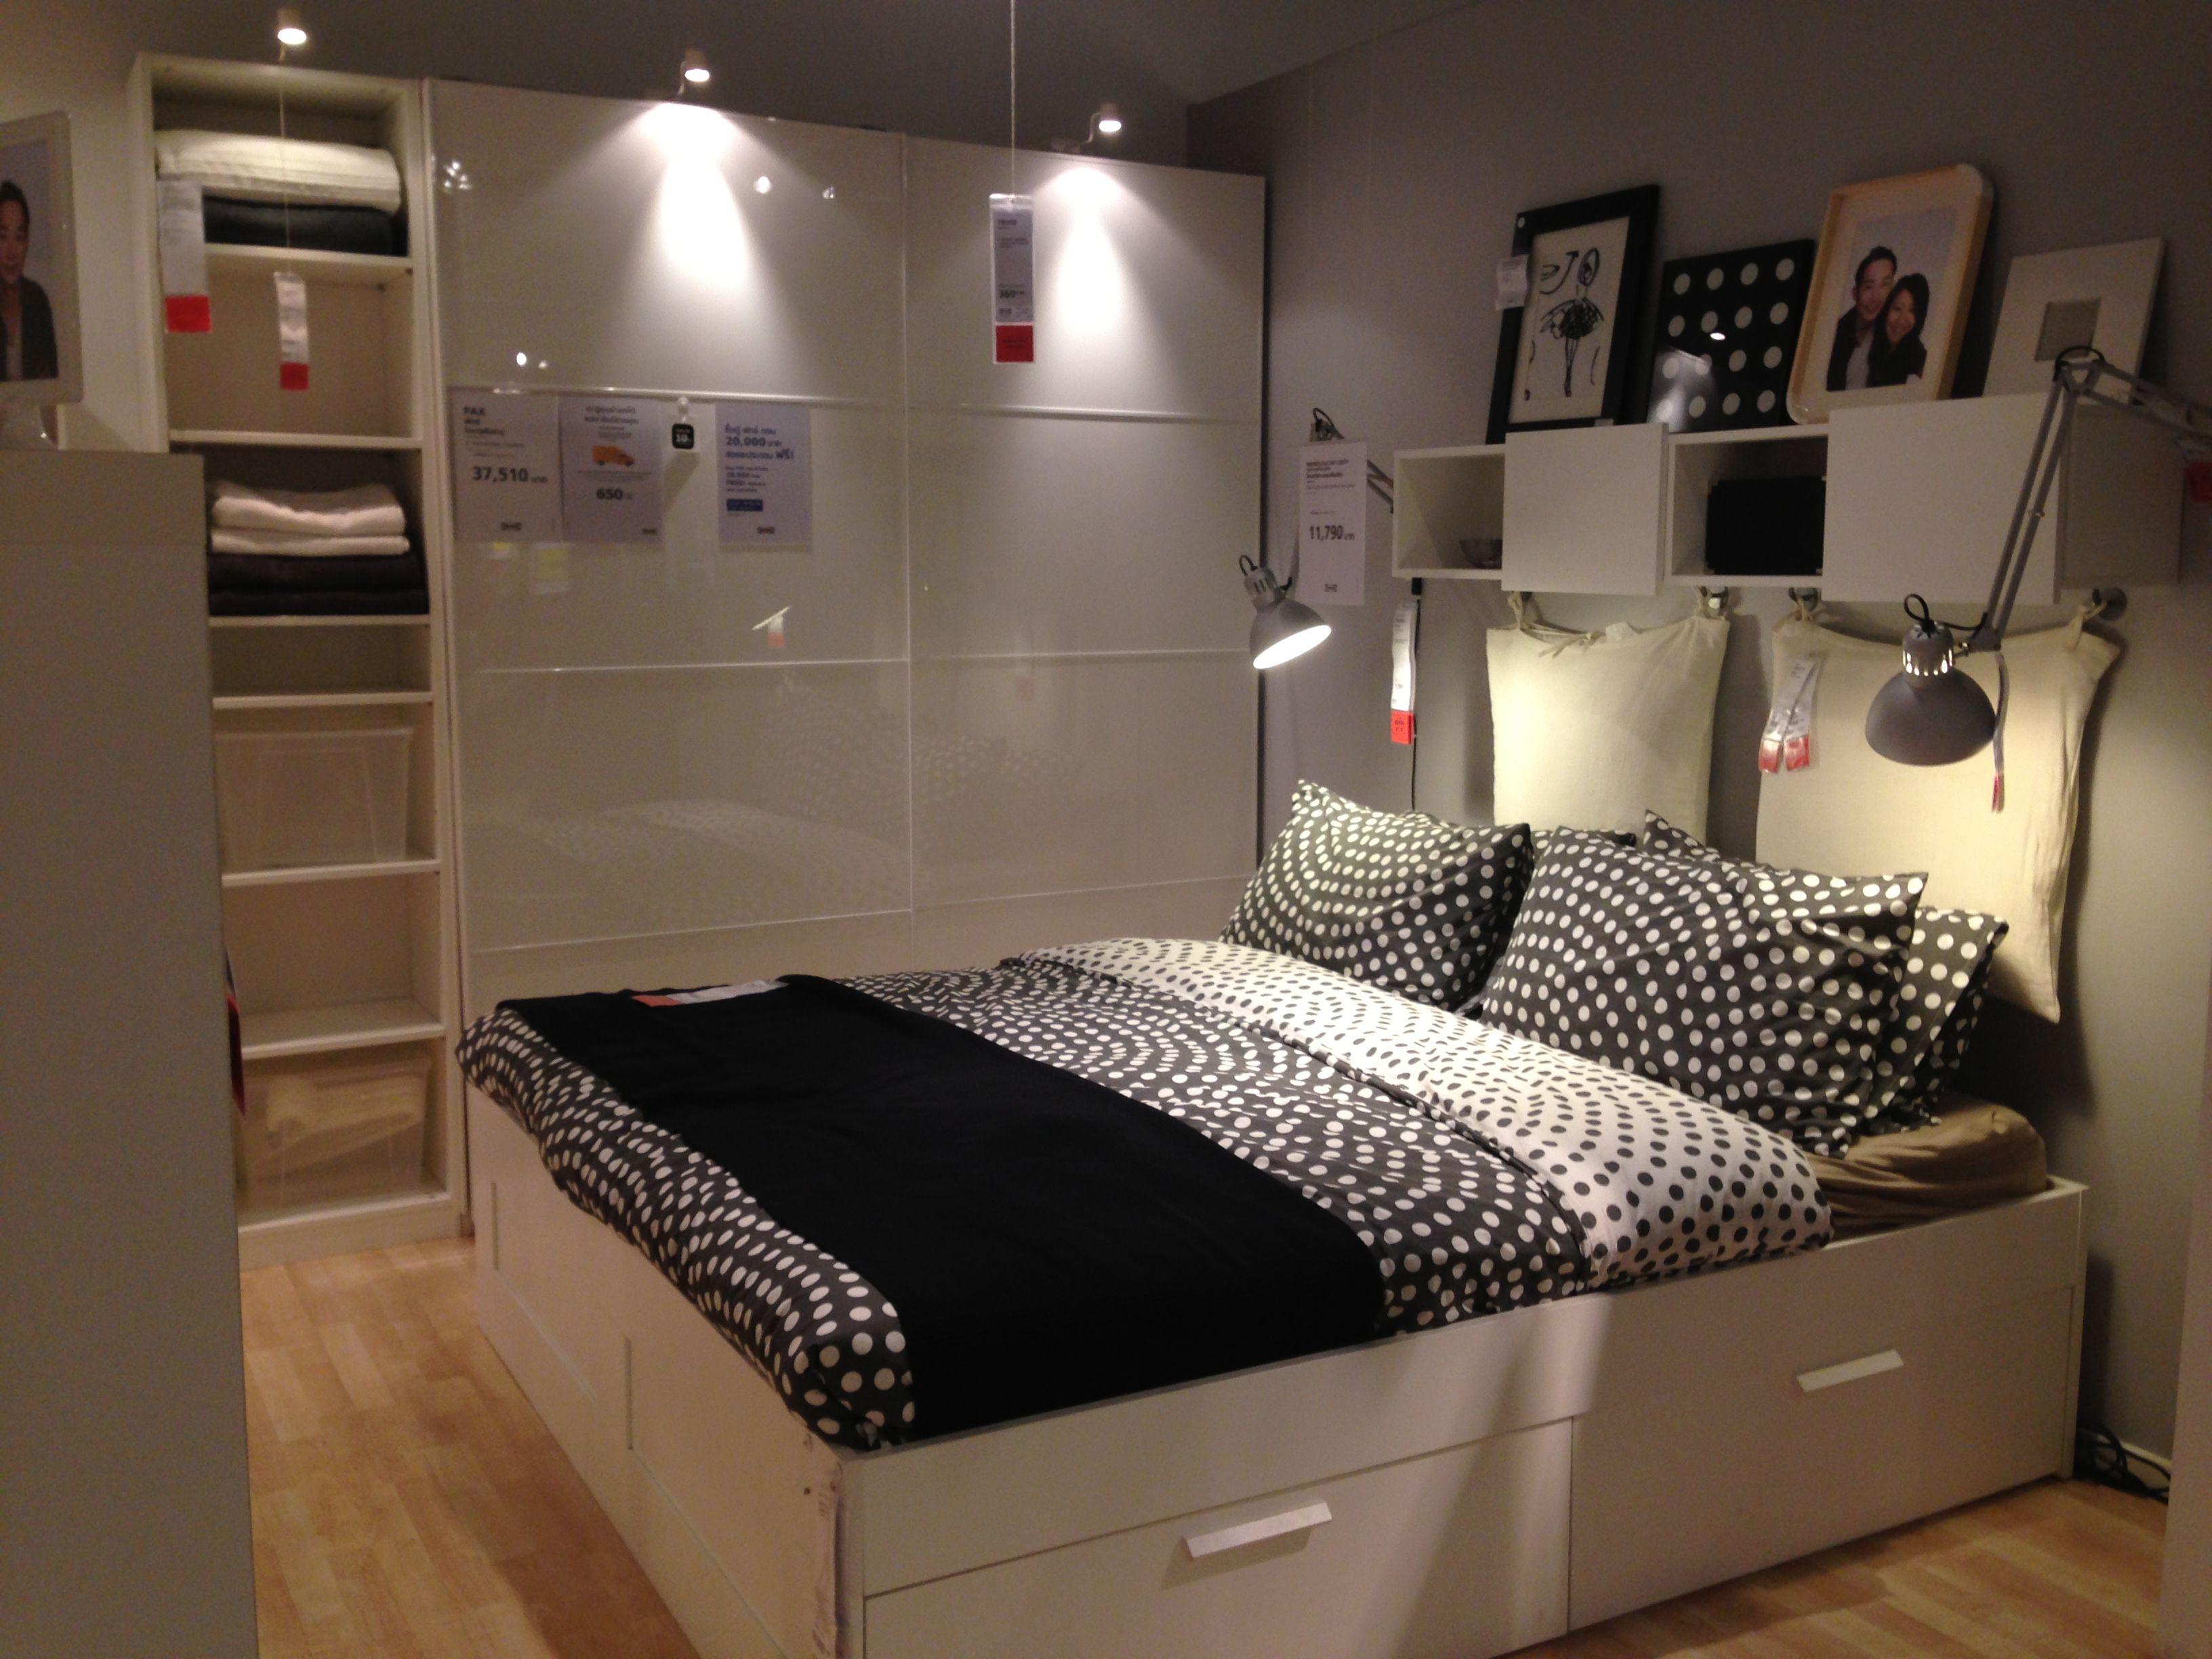 Showroom Bedroom At Ikea Ikea Showroom Ikea Bedroom Ikea